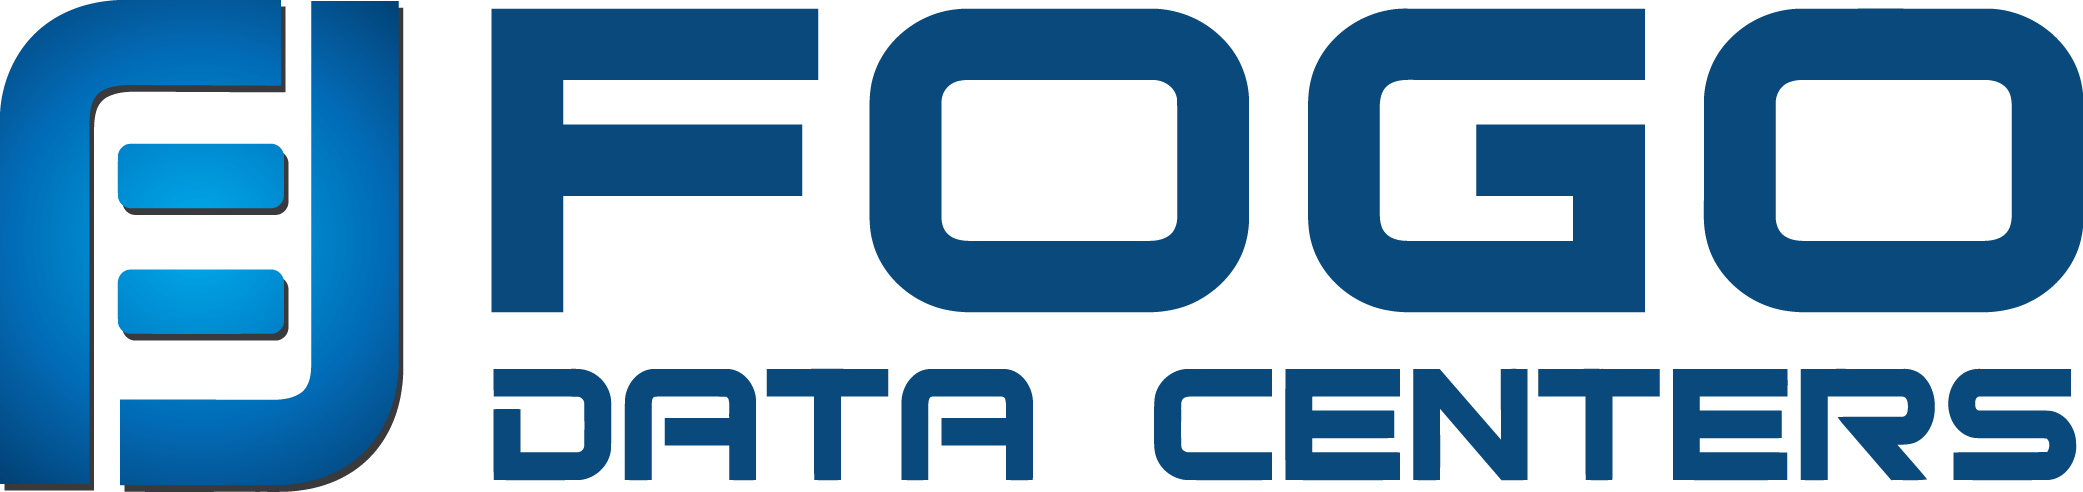 Fogo Data Centers